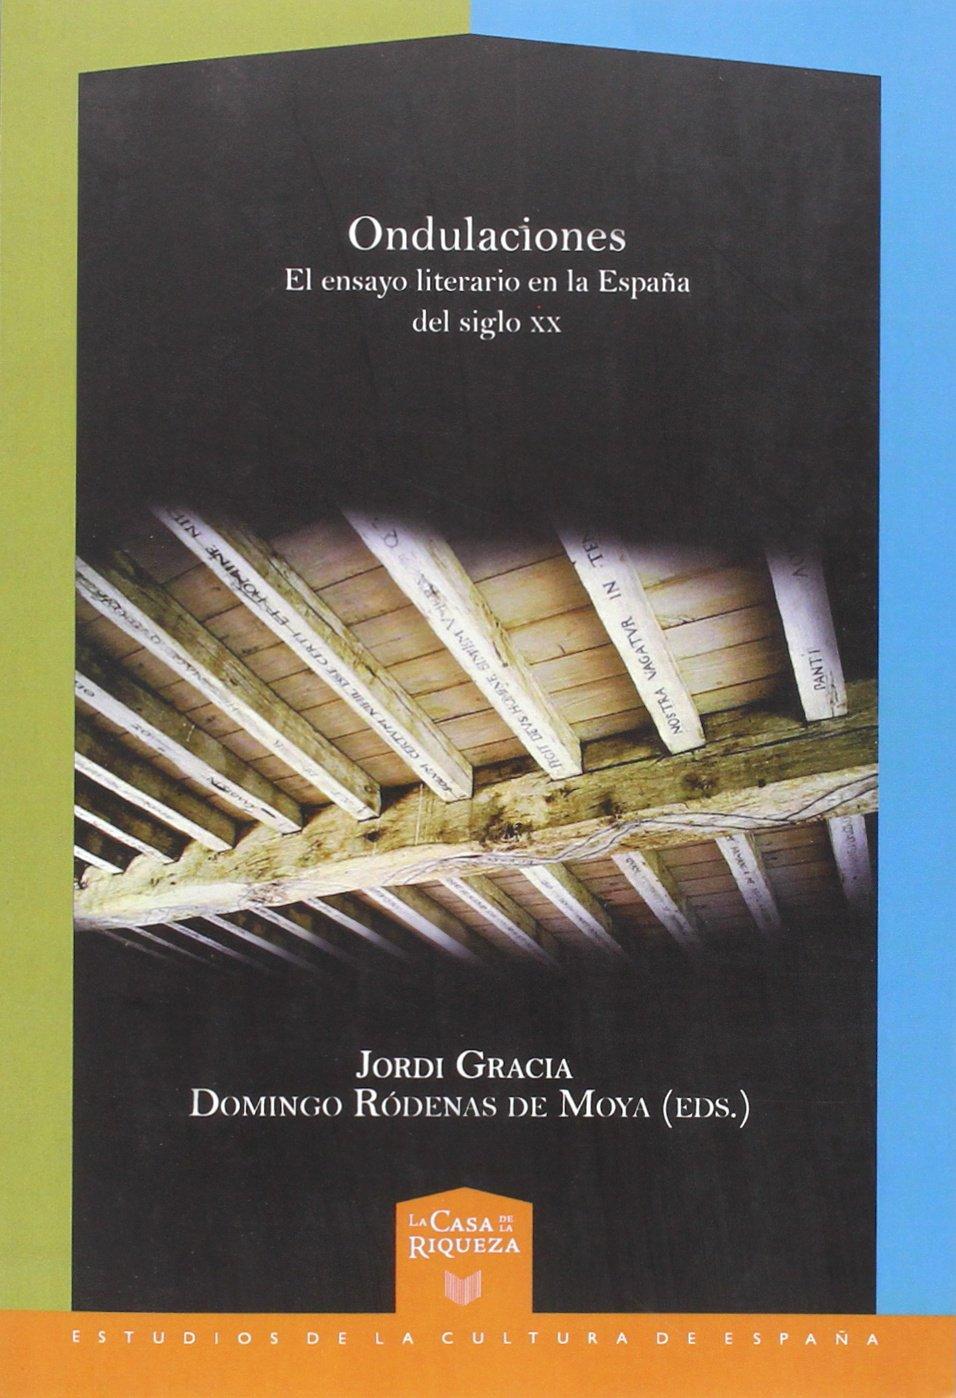 Ondulaciones. El ensayo literario en la España del siglo XX.: Amazon.es: Gracia, Jordi: Libros